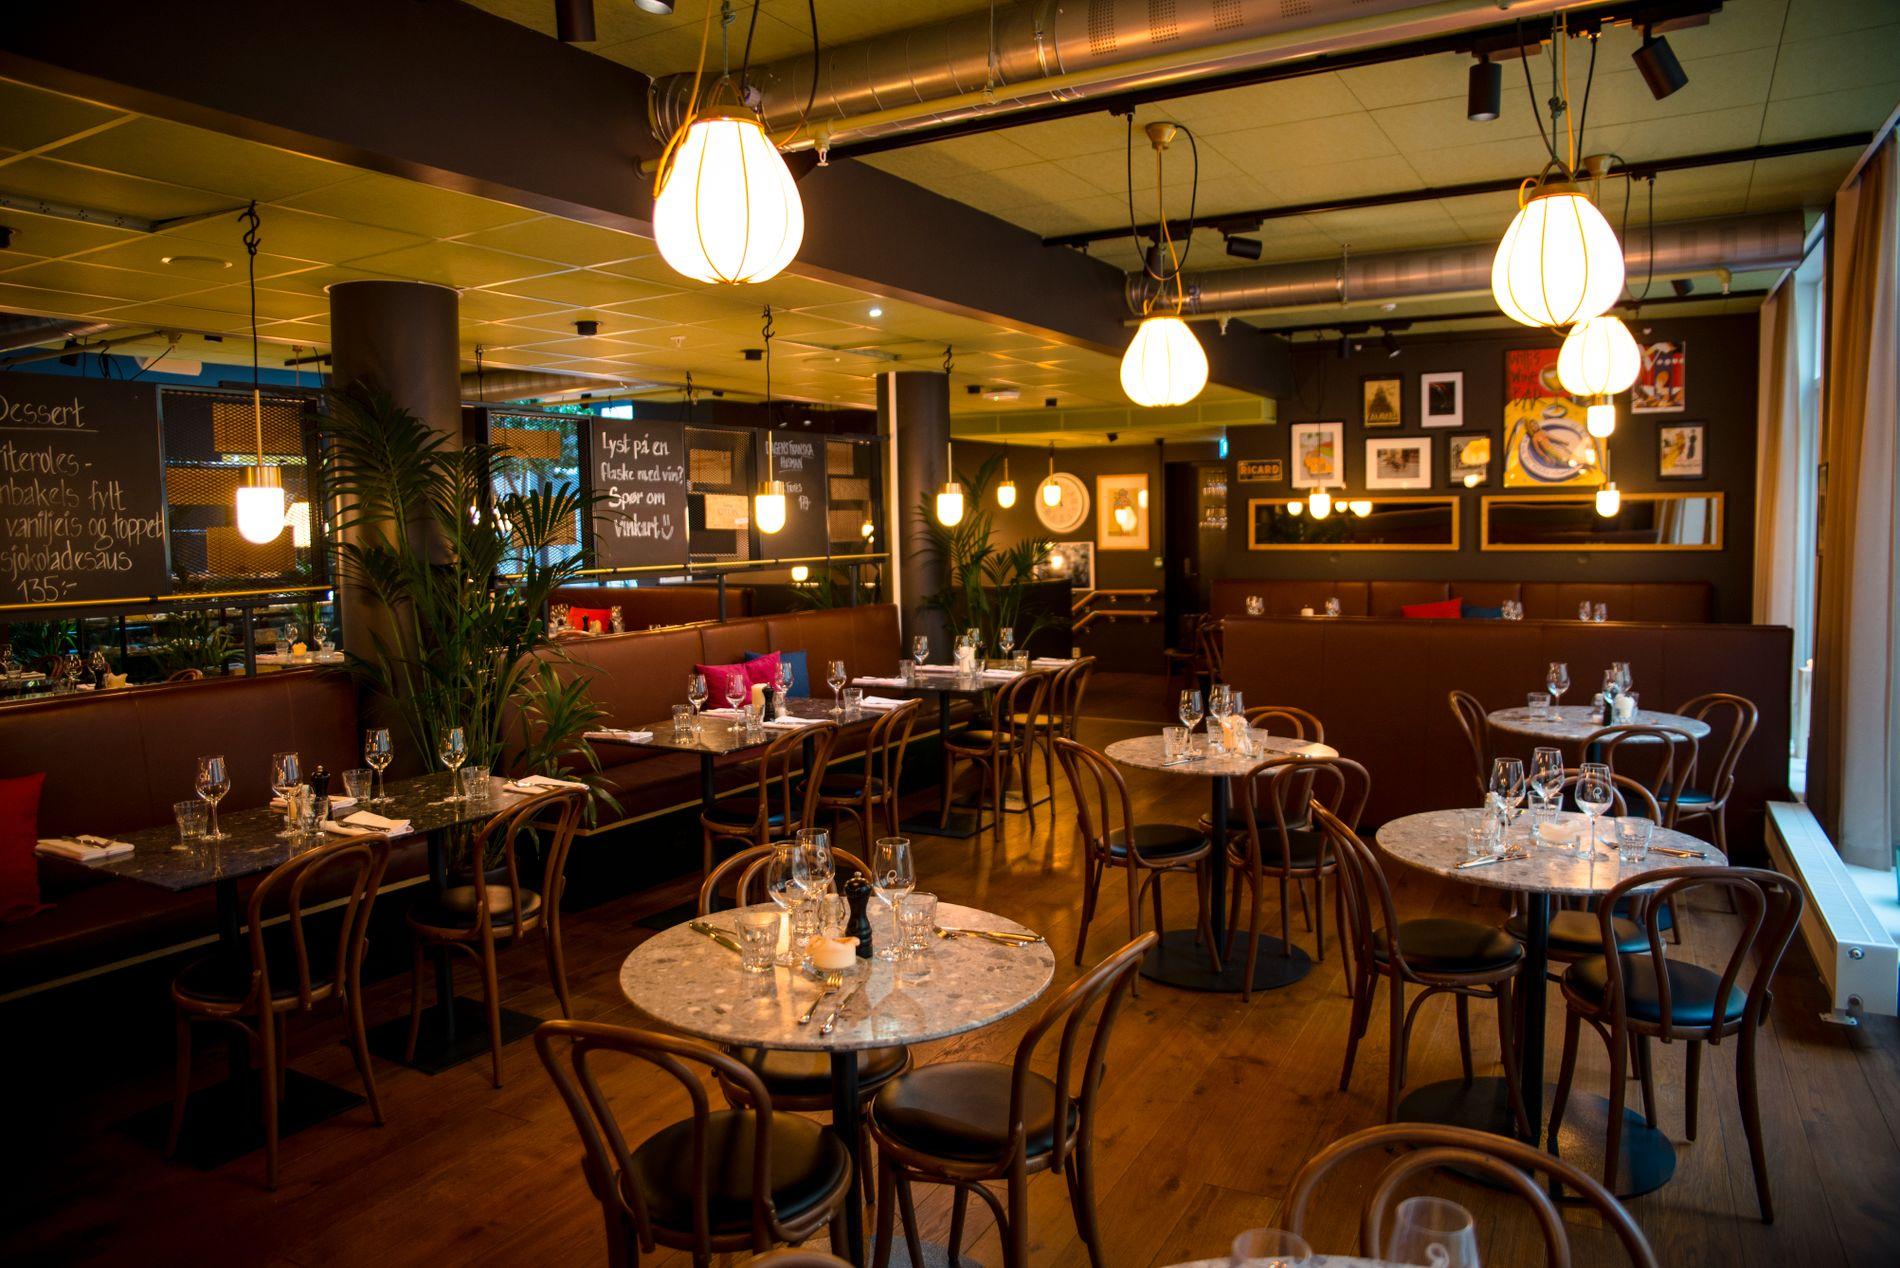 OPPLEVELSES-HOTELL: På Comfort-hotellet på Karl Johan finner du blant annet en restaurant, ginbar og musikkstudio.